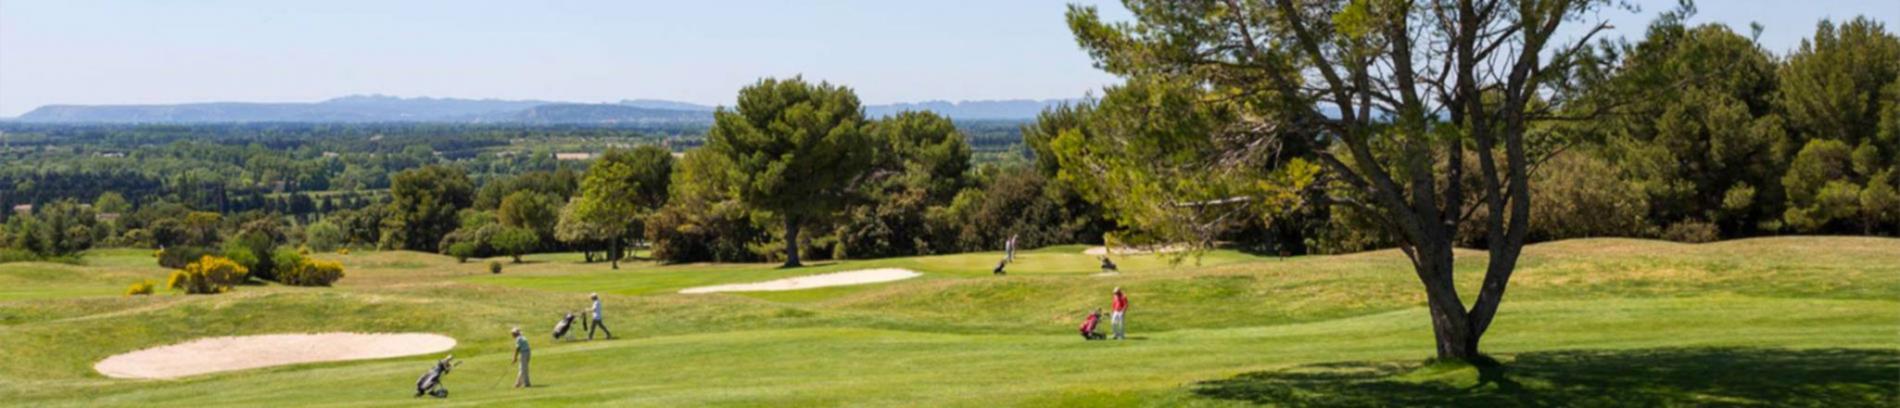 Slide vue sur le golf